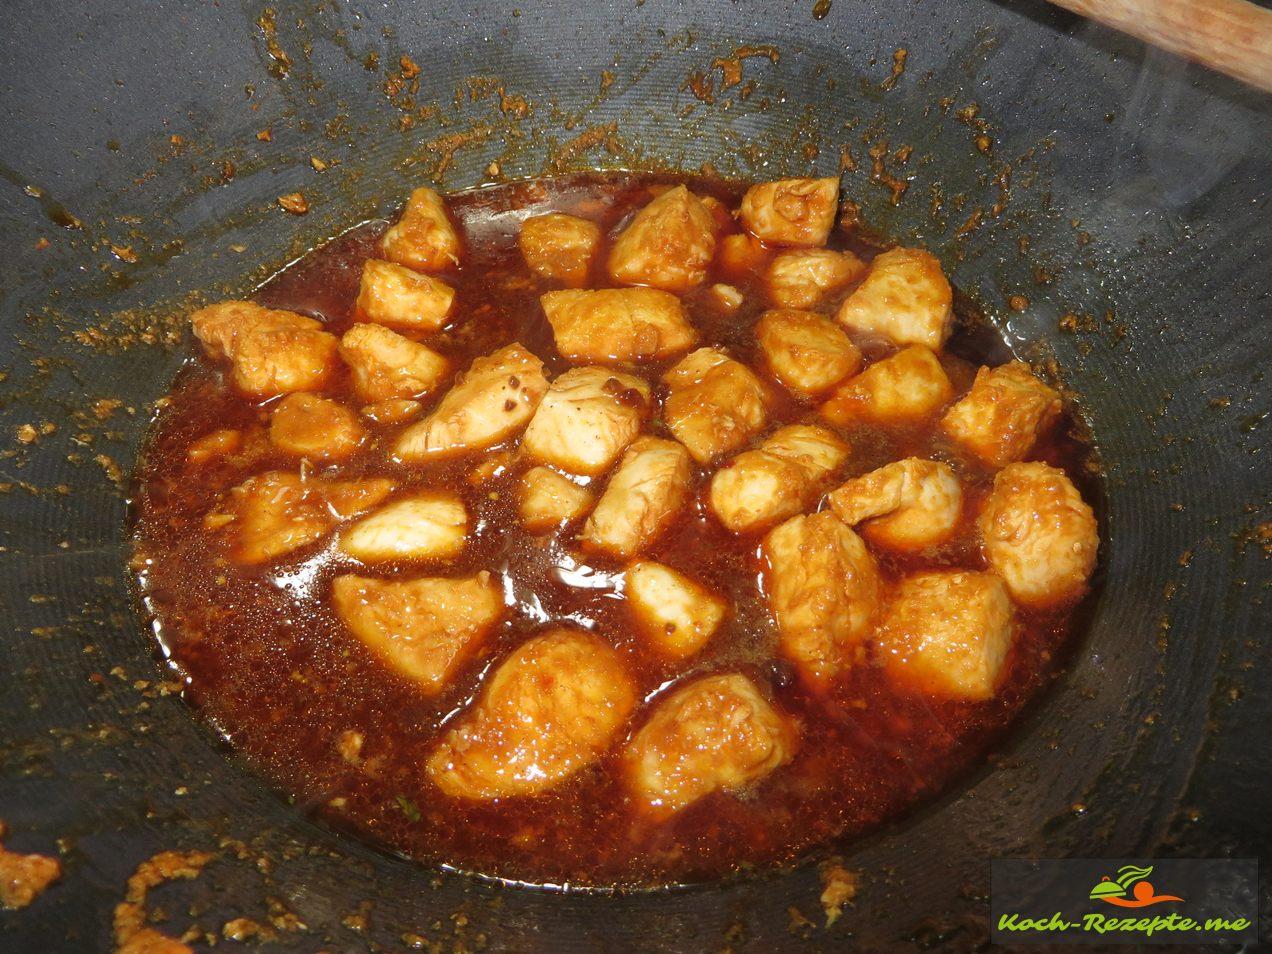 Dann die Teriyaki Honig Sauce darübergießen und auf eine seperaten Schüssel stellen